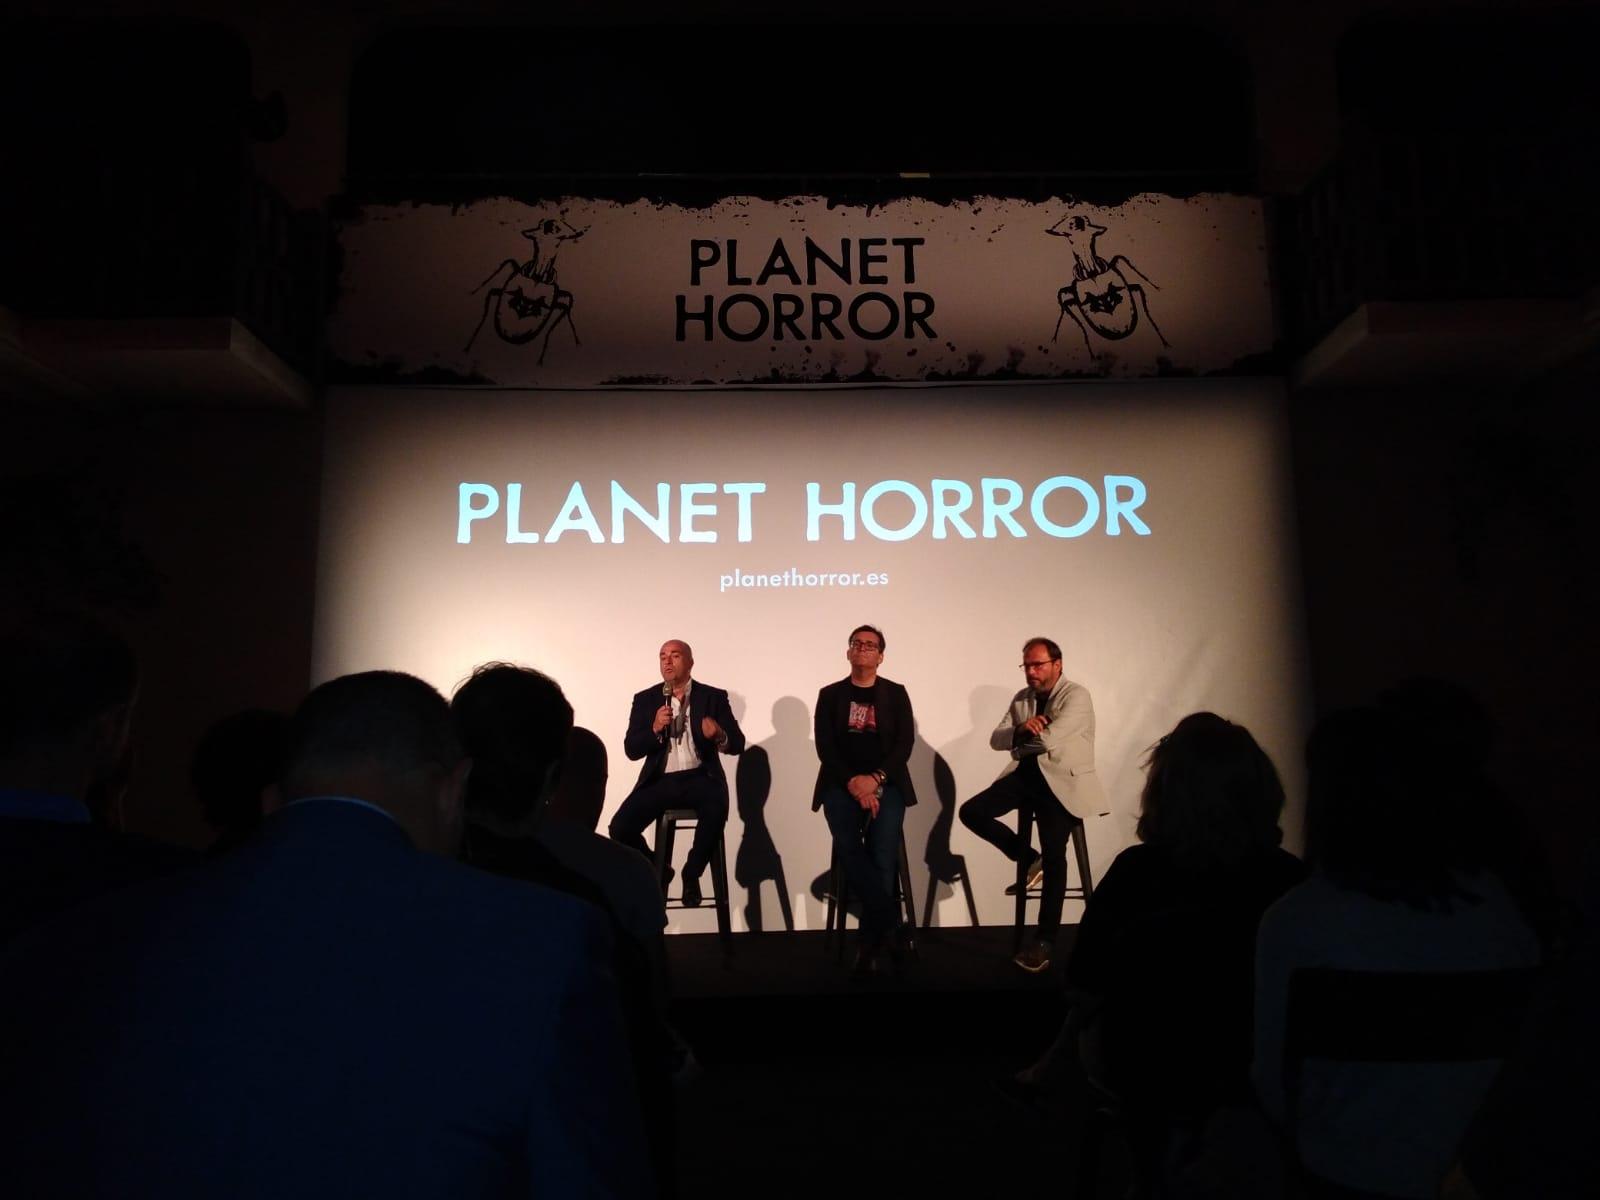 Acto de presentación de la nueva plataforma especializada en cine de género Planet Horror.